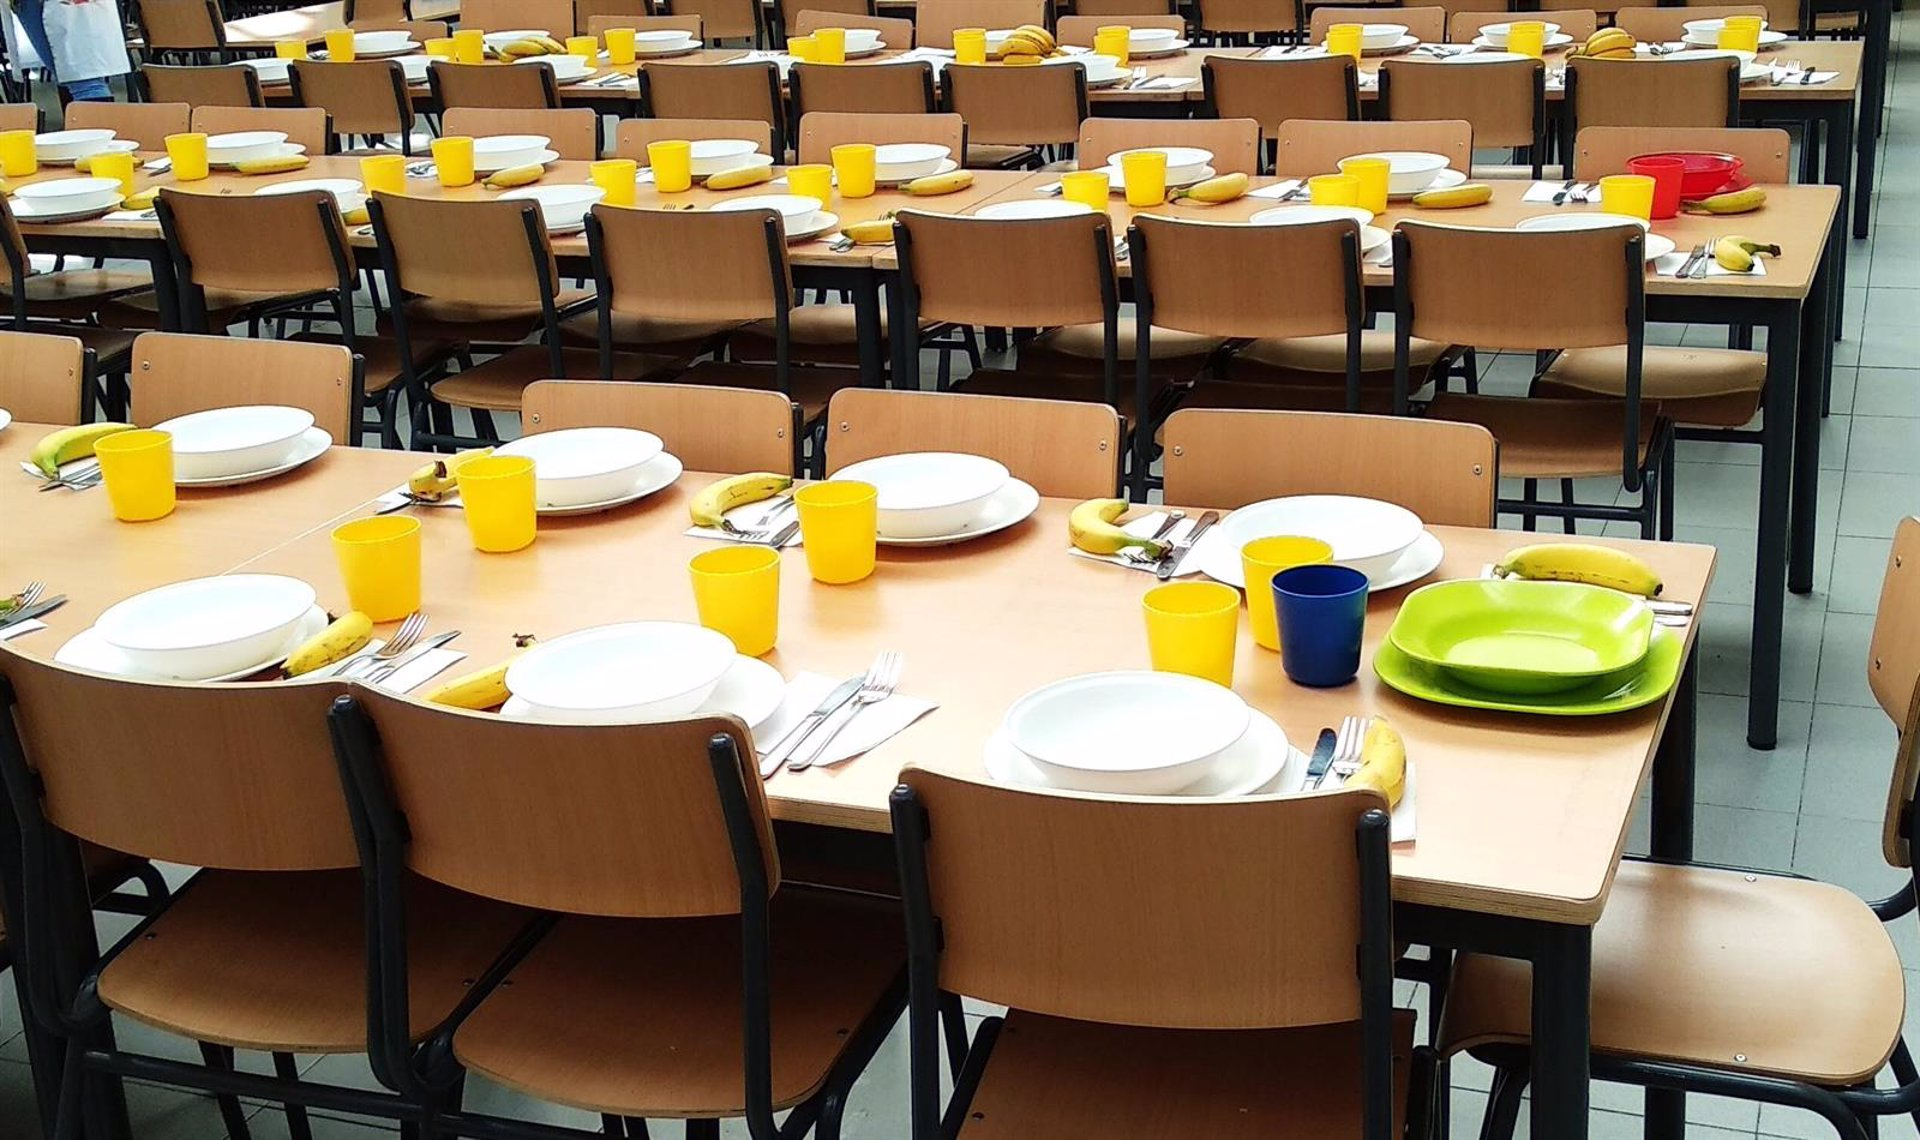 El 3 de noviembre está previsto que se reinicie el servicio de comedor de ocho centros educativos